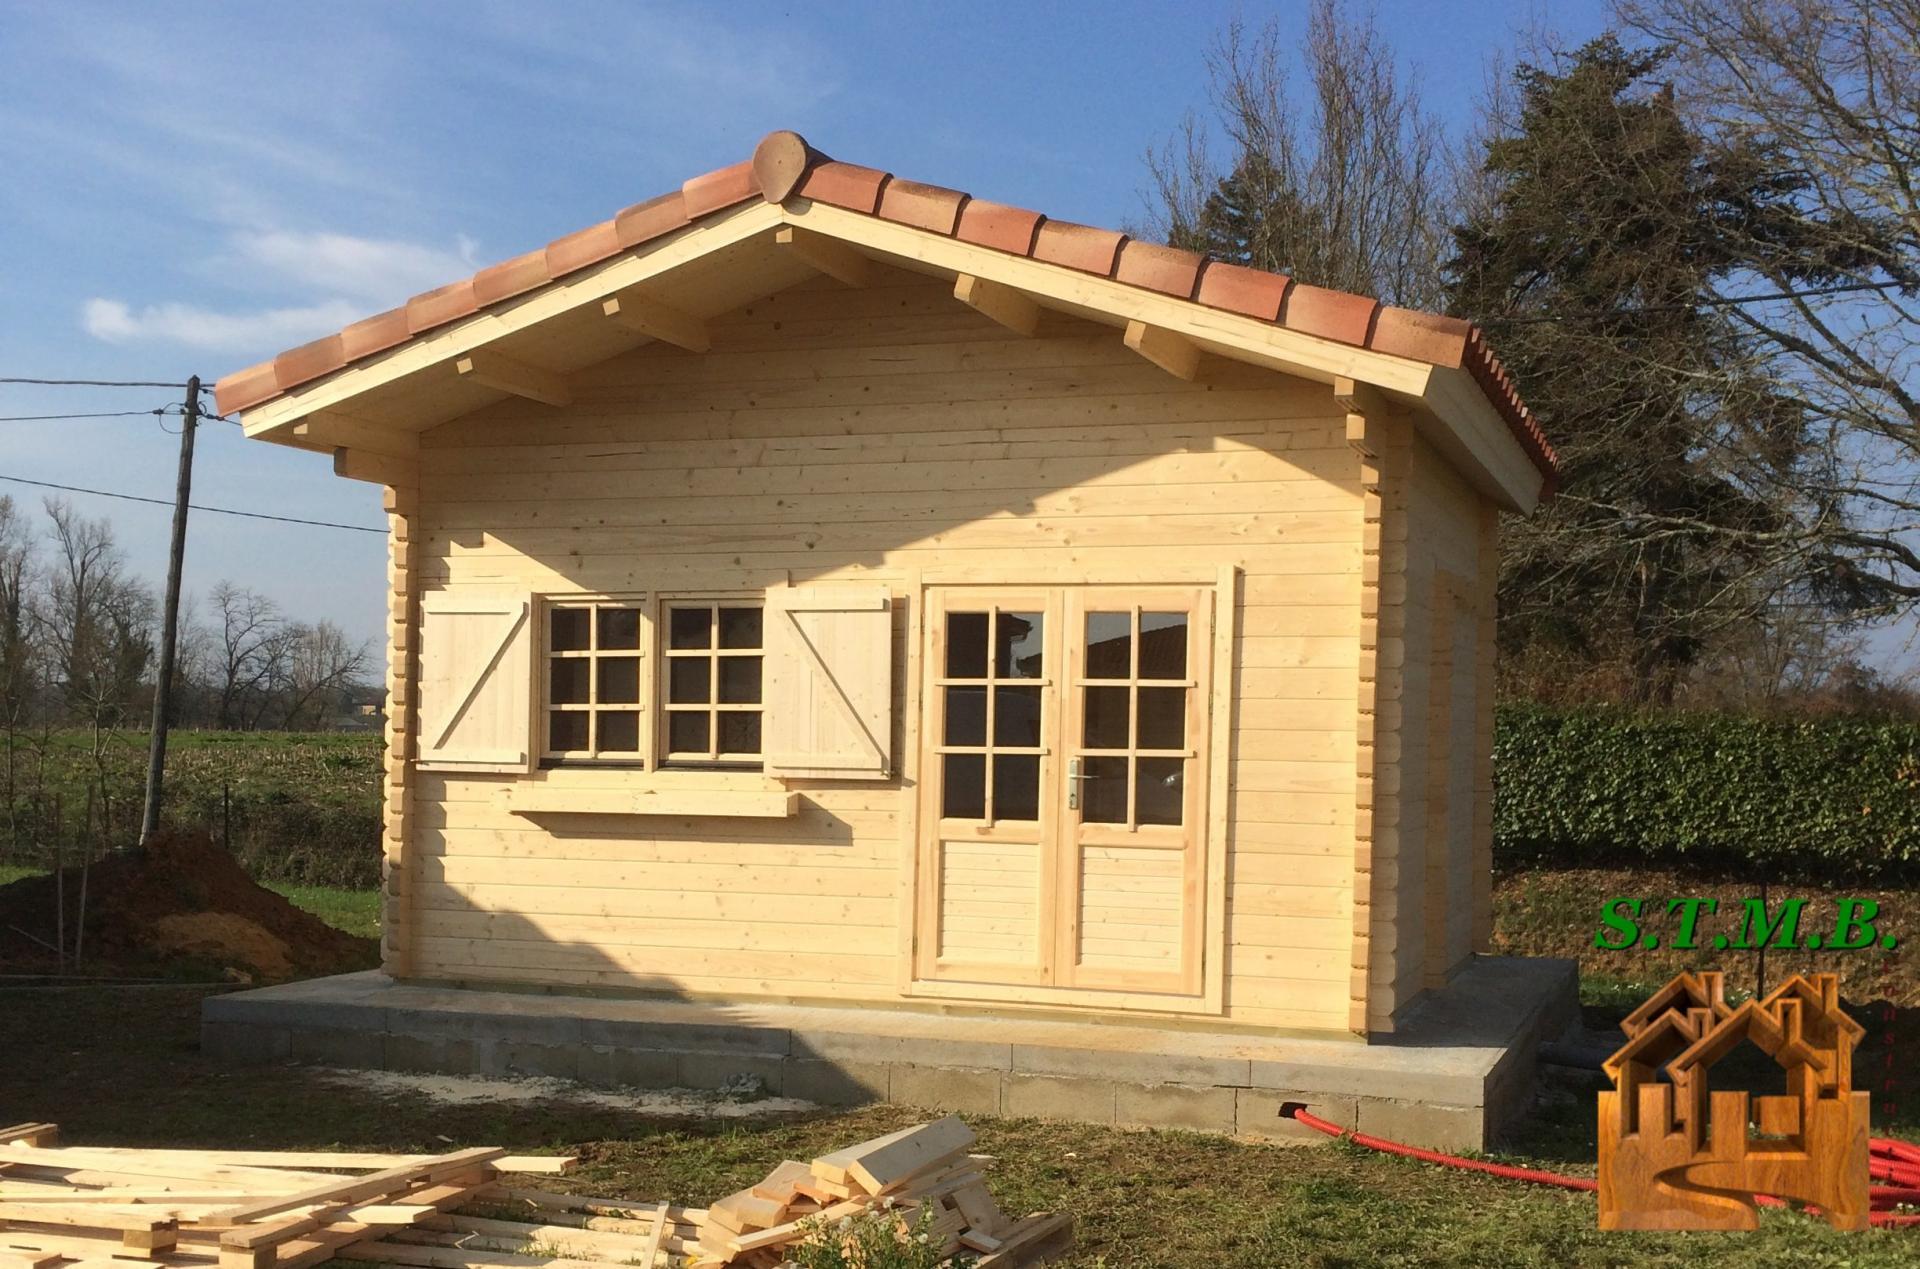 Notre Gamme De Chalets Bois En Kit Avec Mezzanine concernant Abri De Jardin Habitable